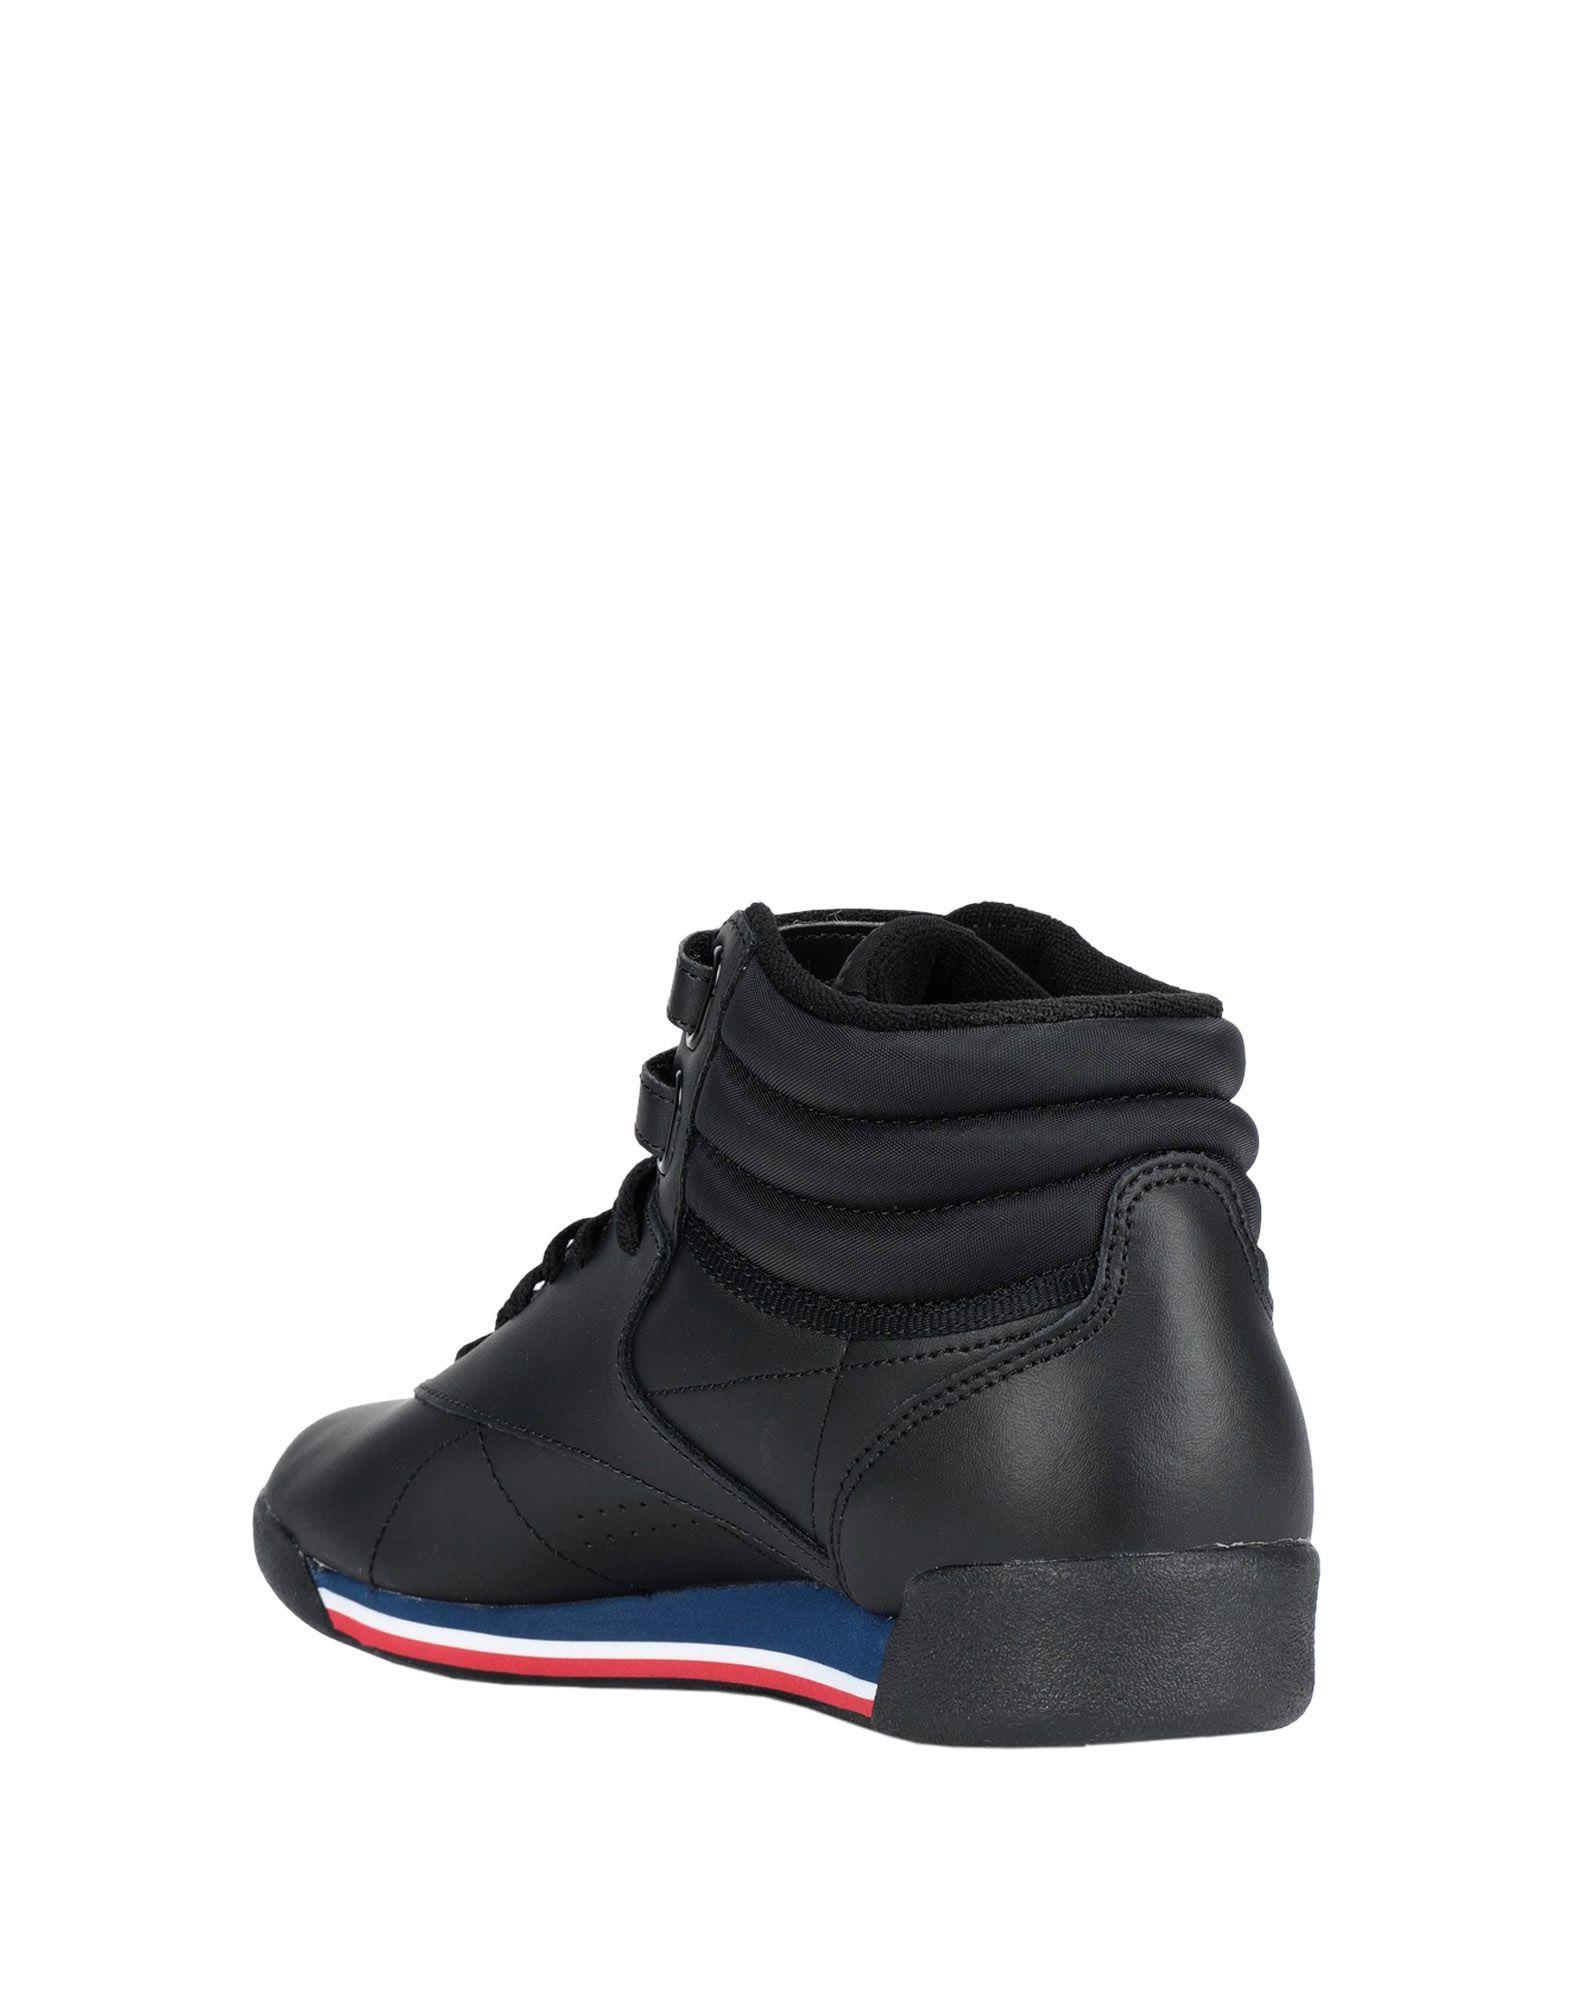 Reebok F/S Hi  11541030JA Schuhe Gute Qualität beliebte Schuhe 11541030JA 5082e4